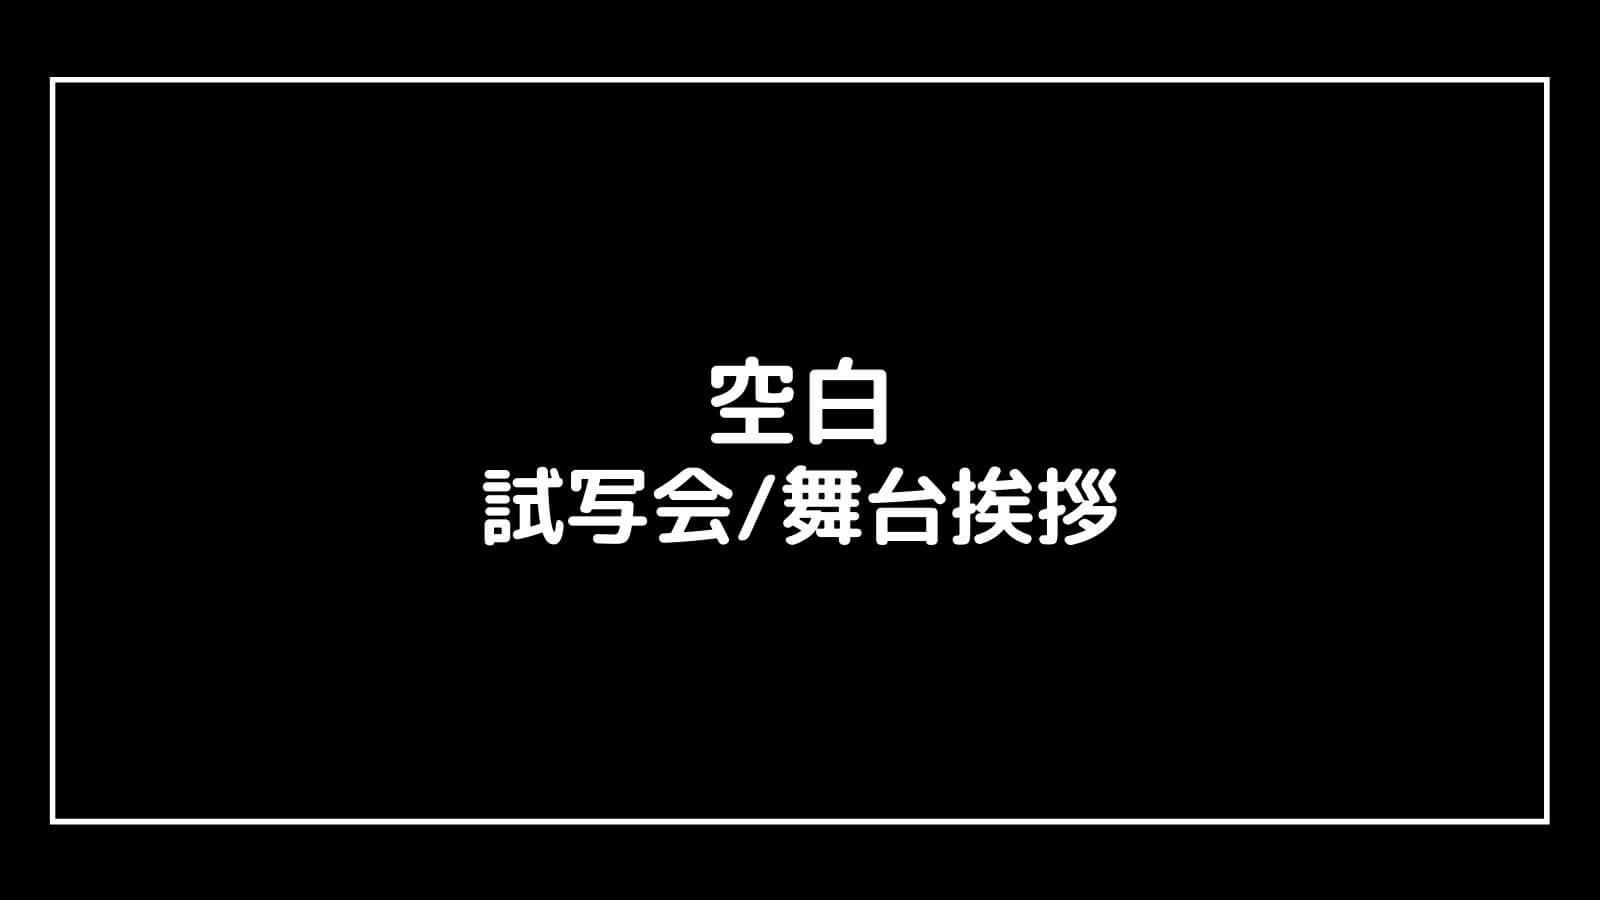 映画『空白』の試写会と舞台挨拶ライブビューイング情報